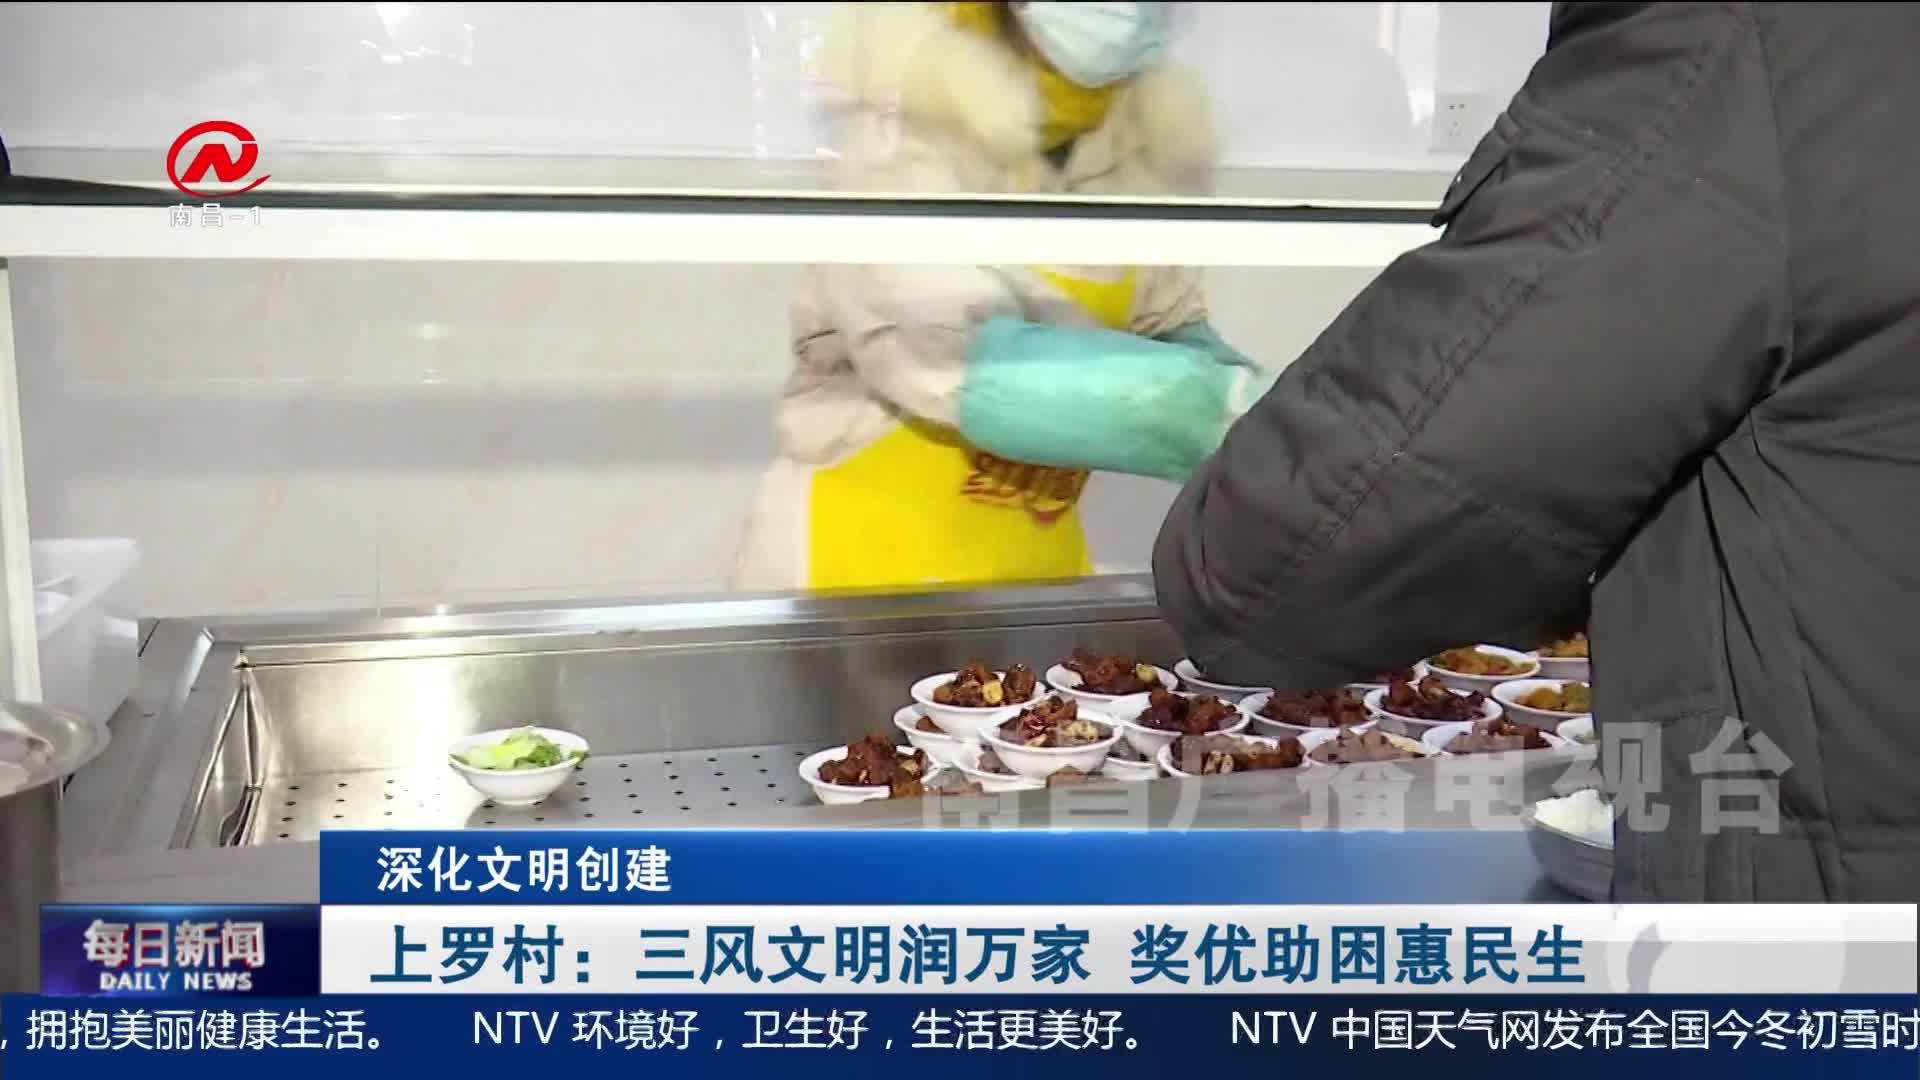 【深化文明创建】上罗村:三风文明润万家 奖优助困惠民生